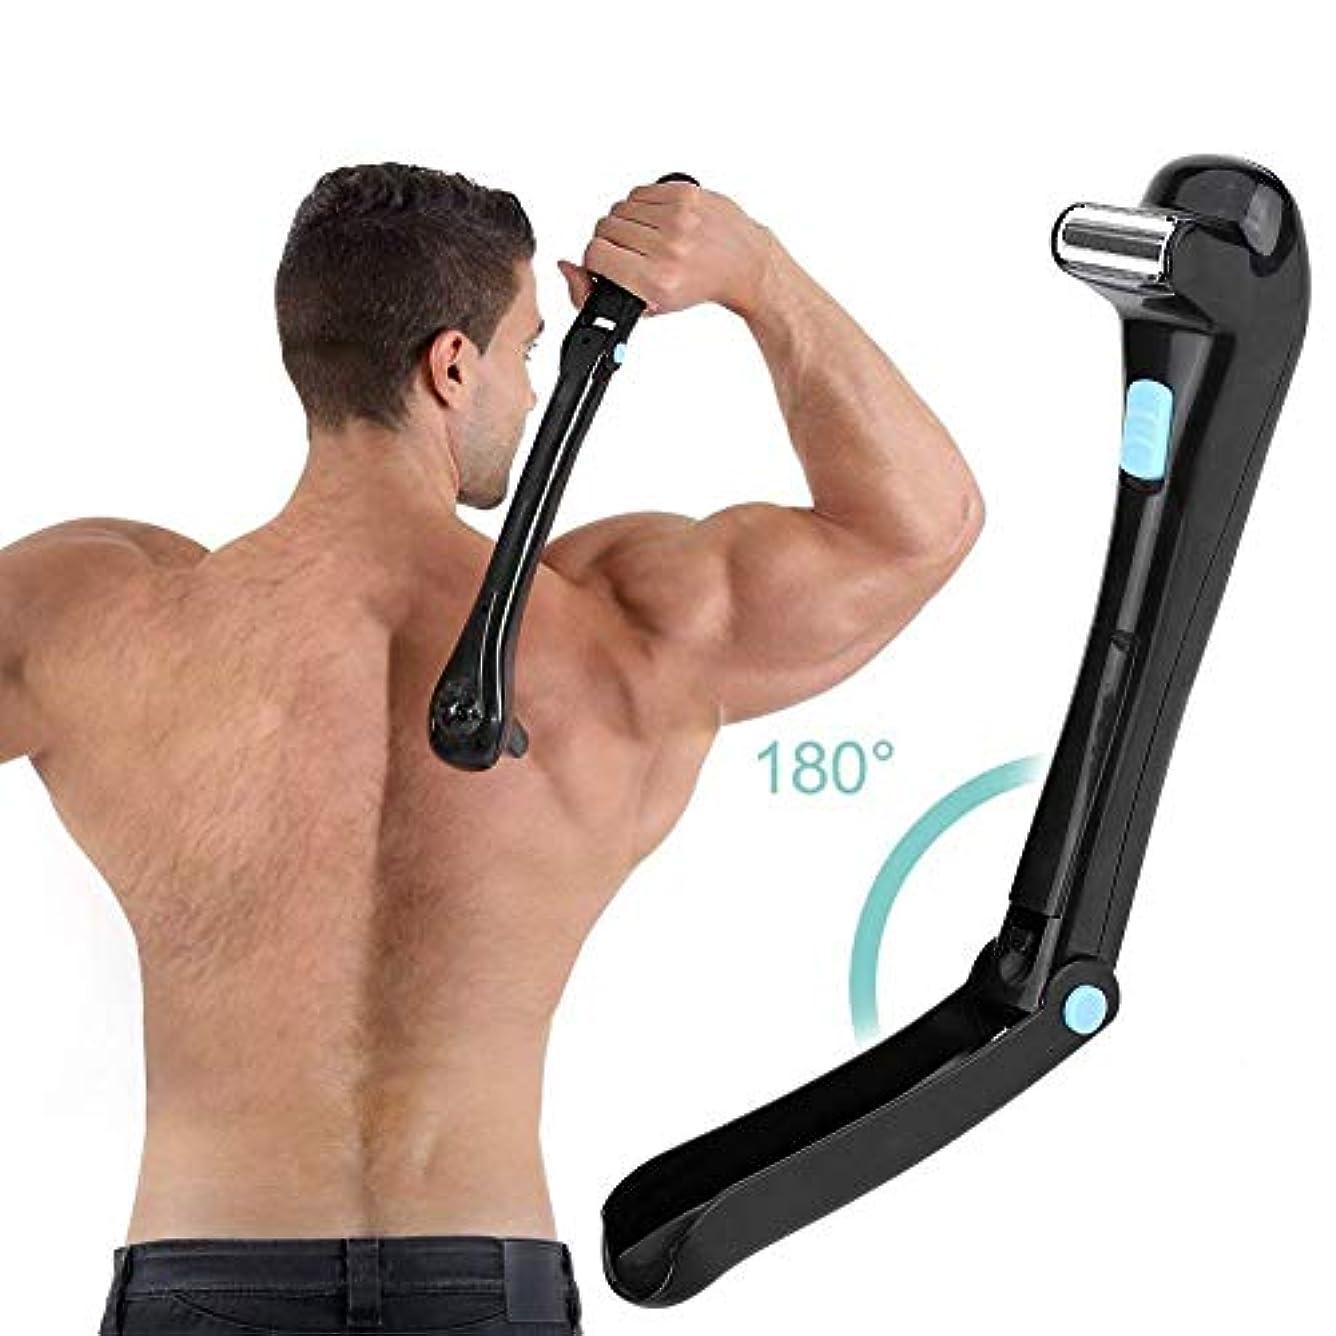 成熟した本質的に希少性男性用電動バックシェーバー折りたたみ式ハンドヘルドボディグルーミング安全剃刀無痛背中脱毛(バッテリー含まず)